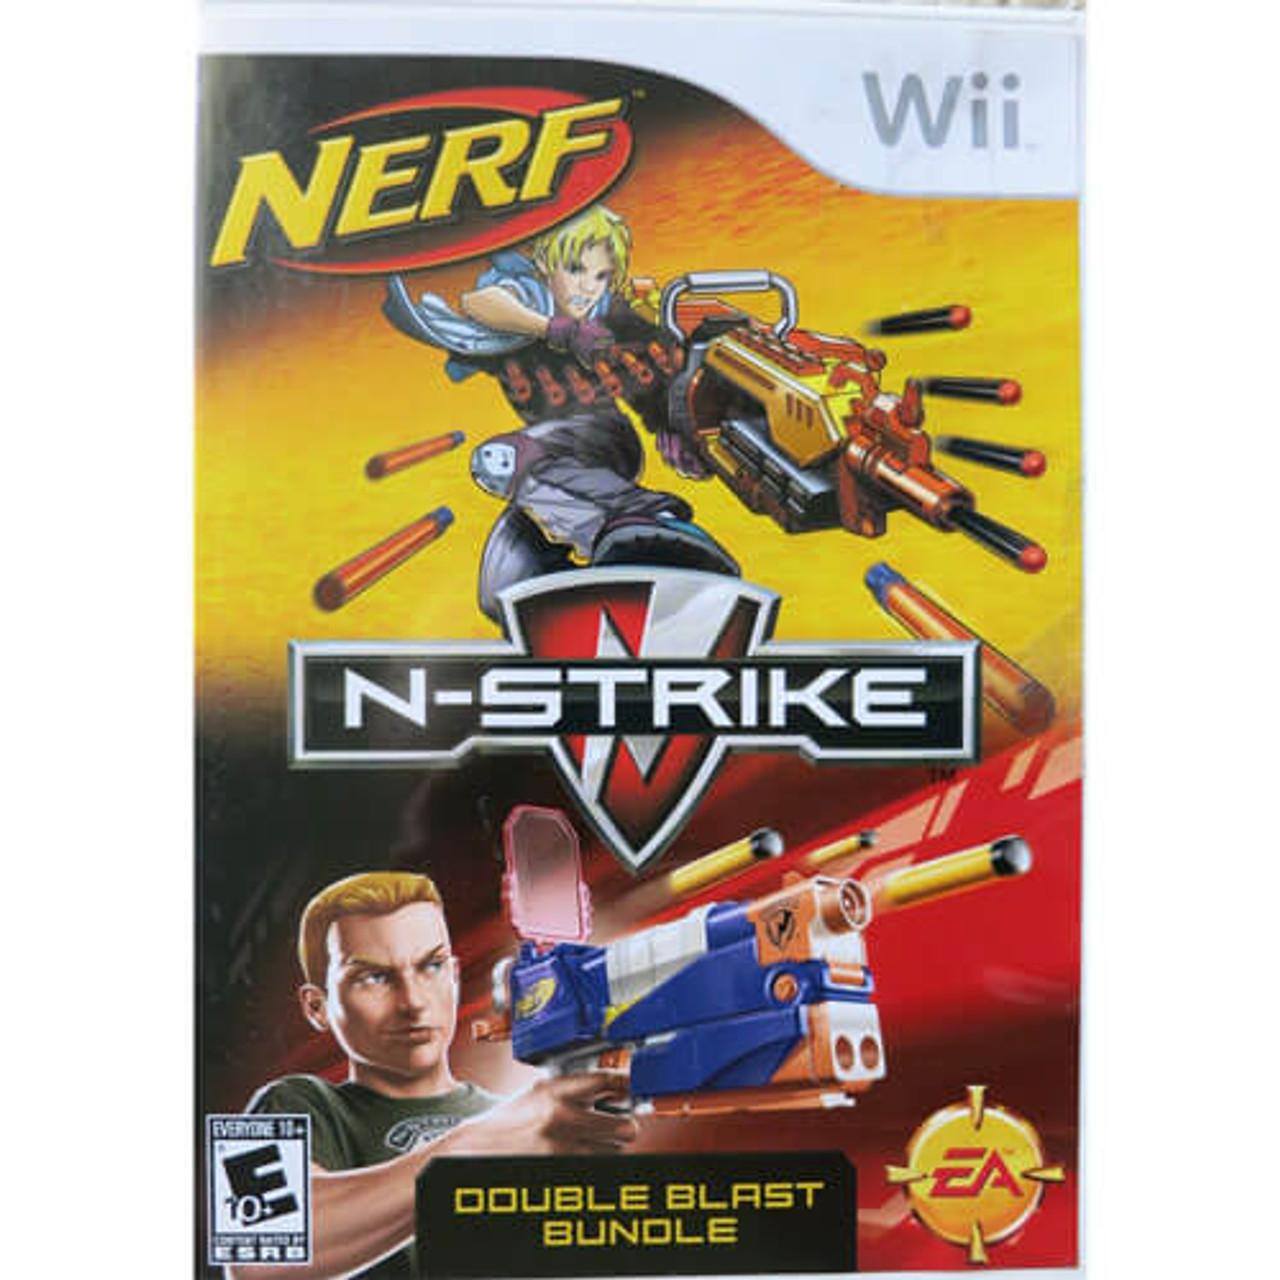 NERF N-Strike Double Blast Bundle - Wii Game